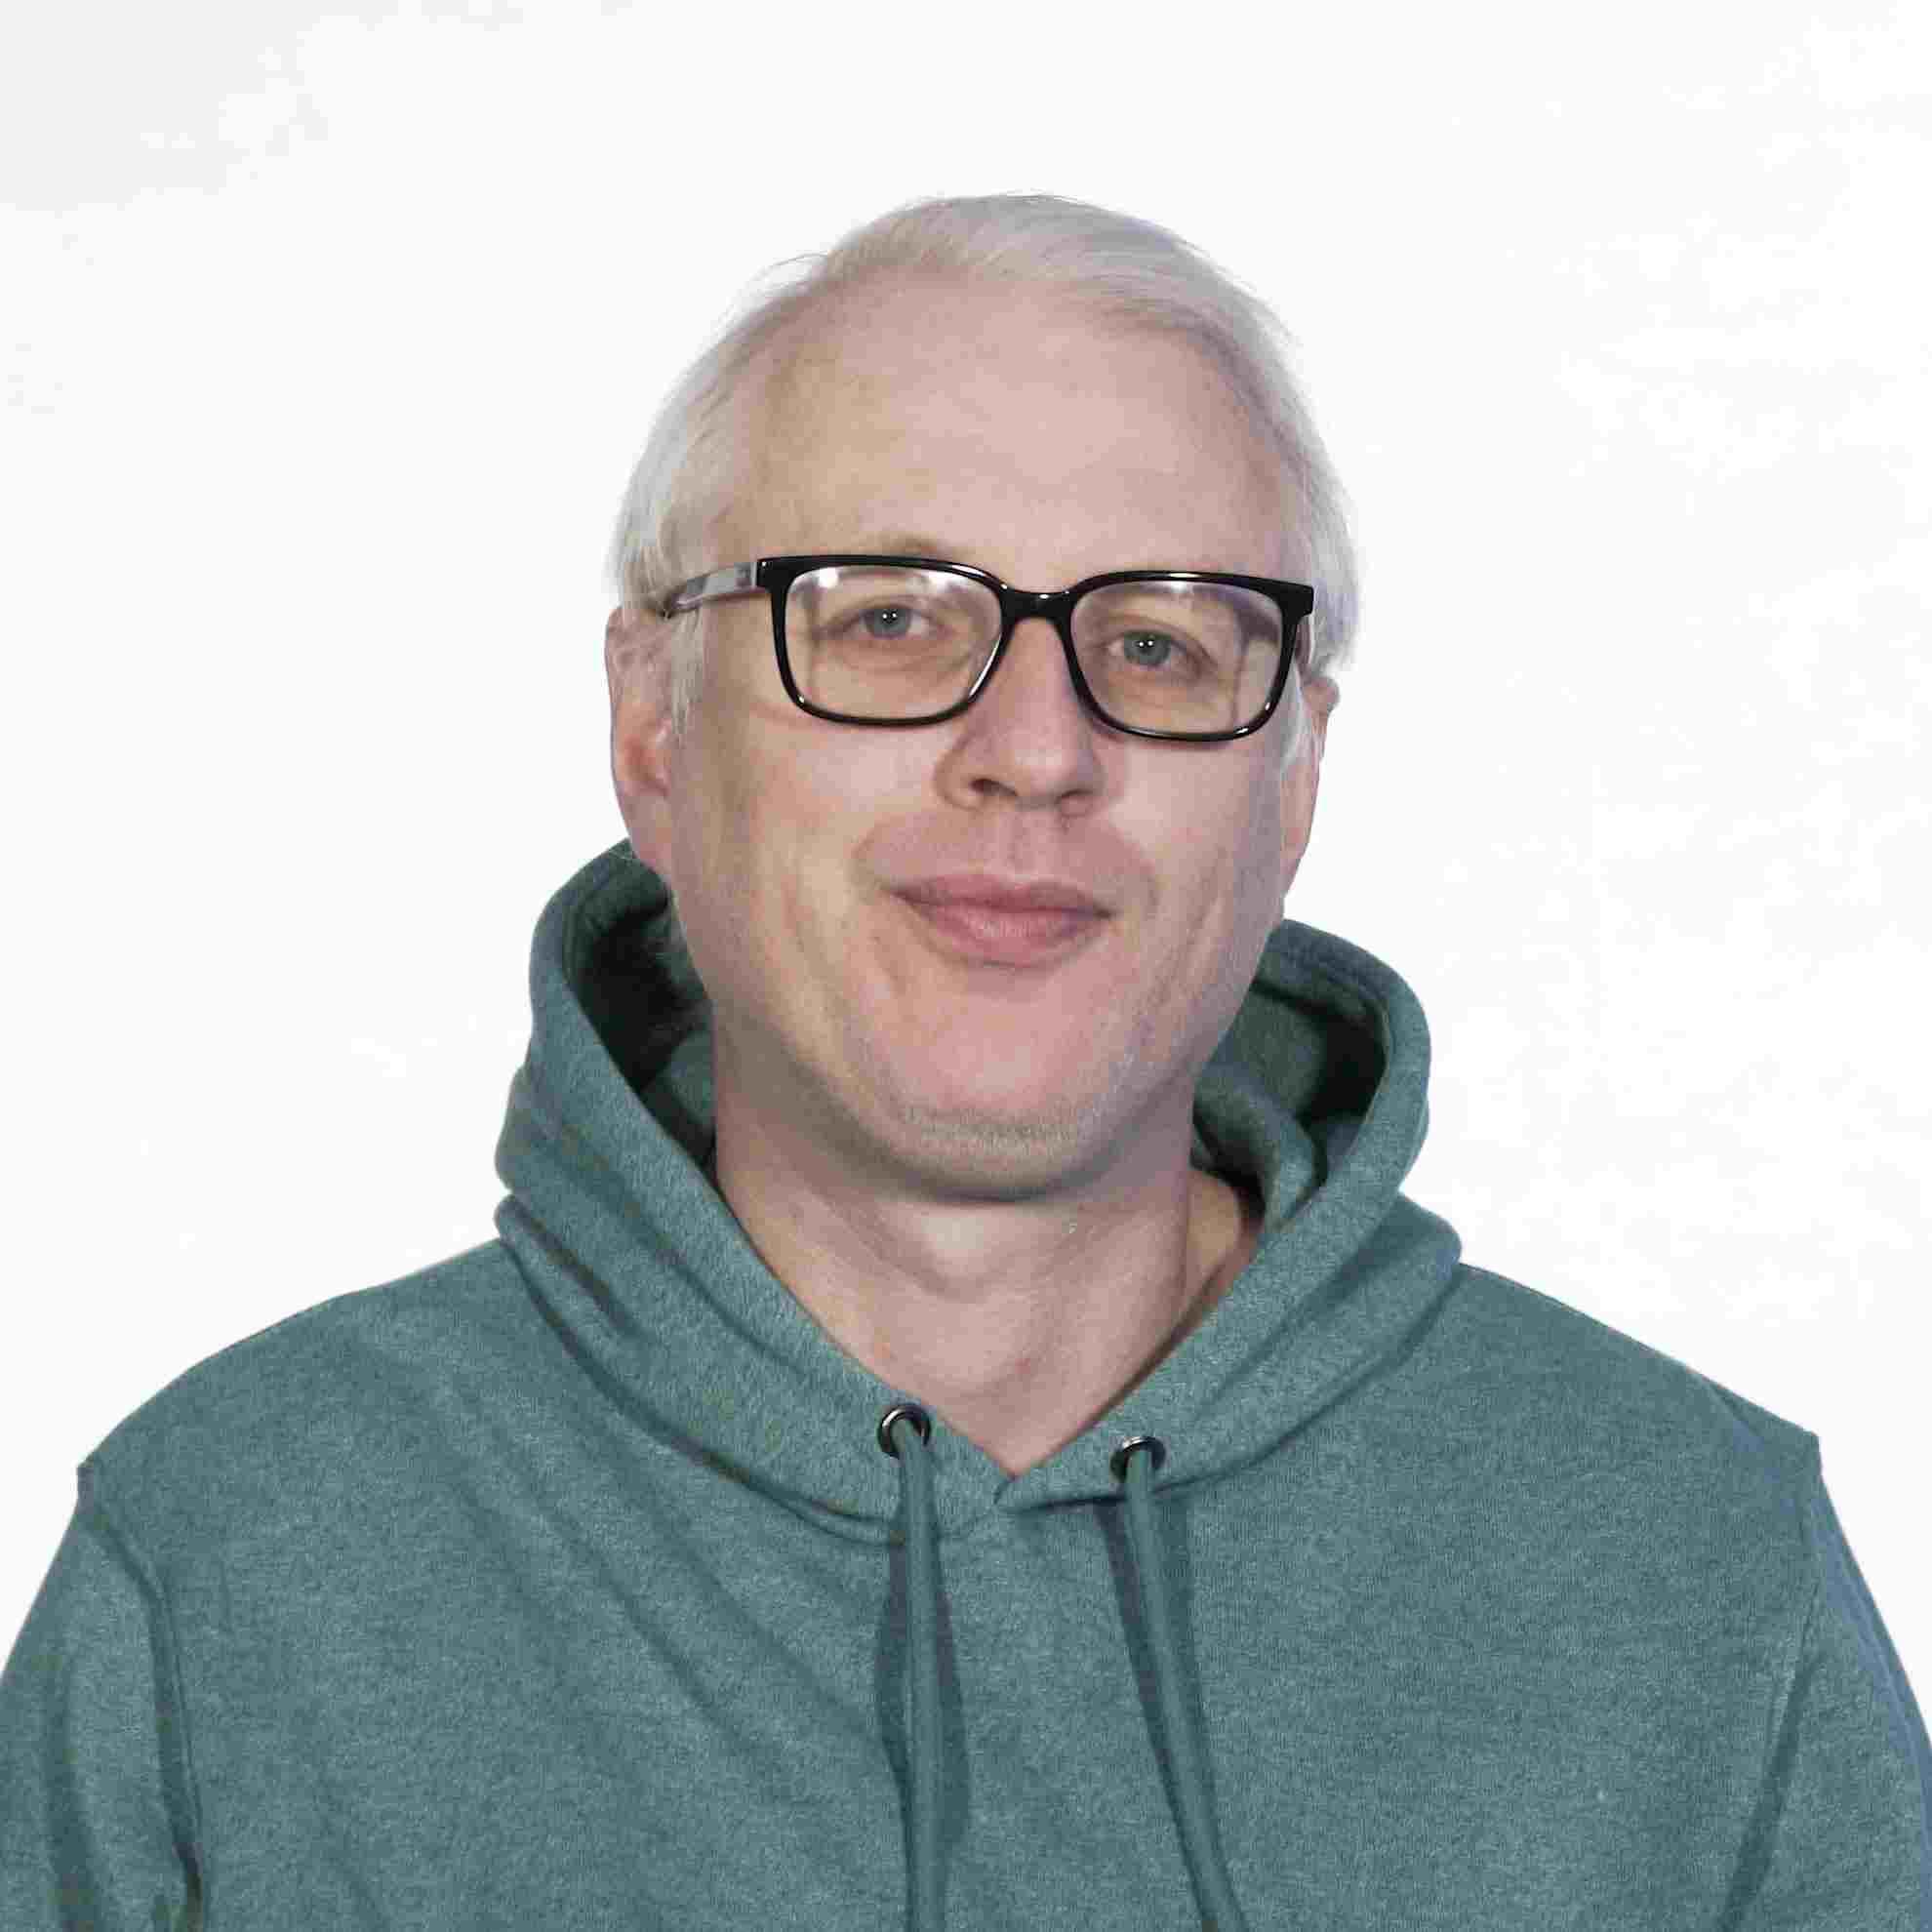 Paul Dadge